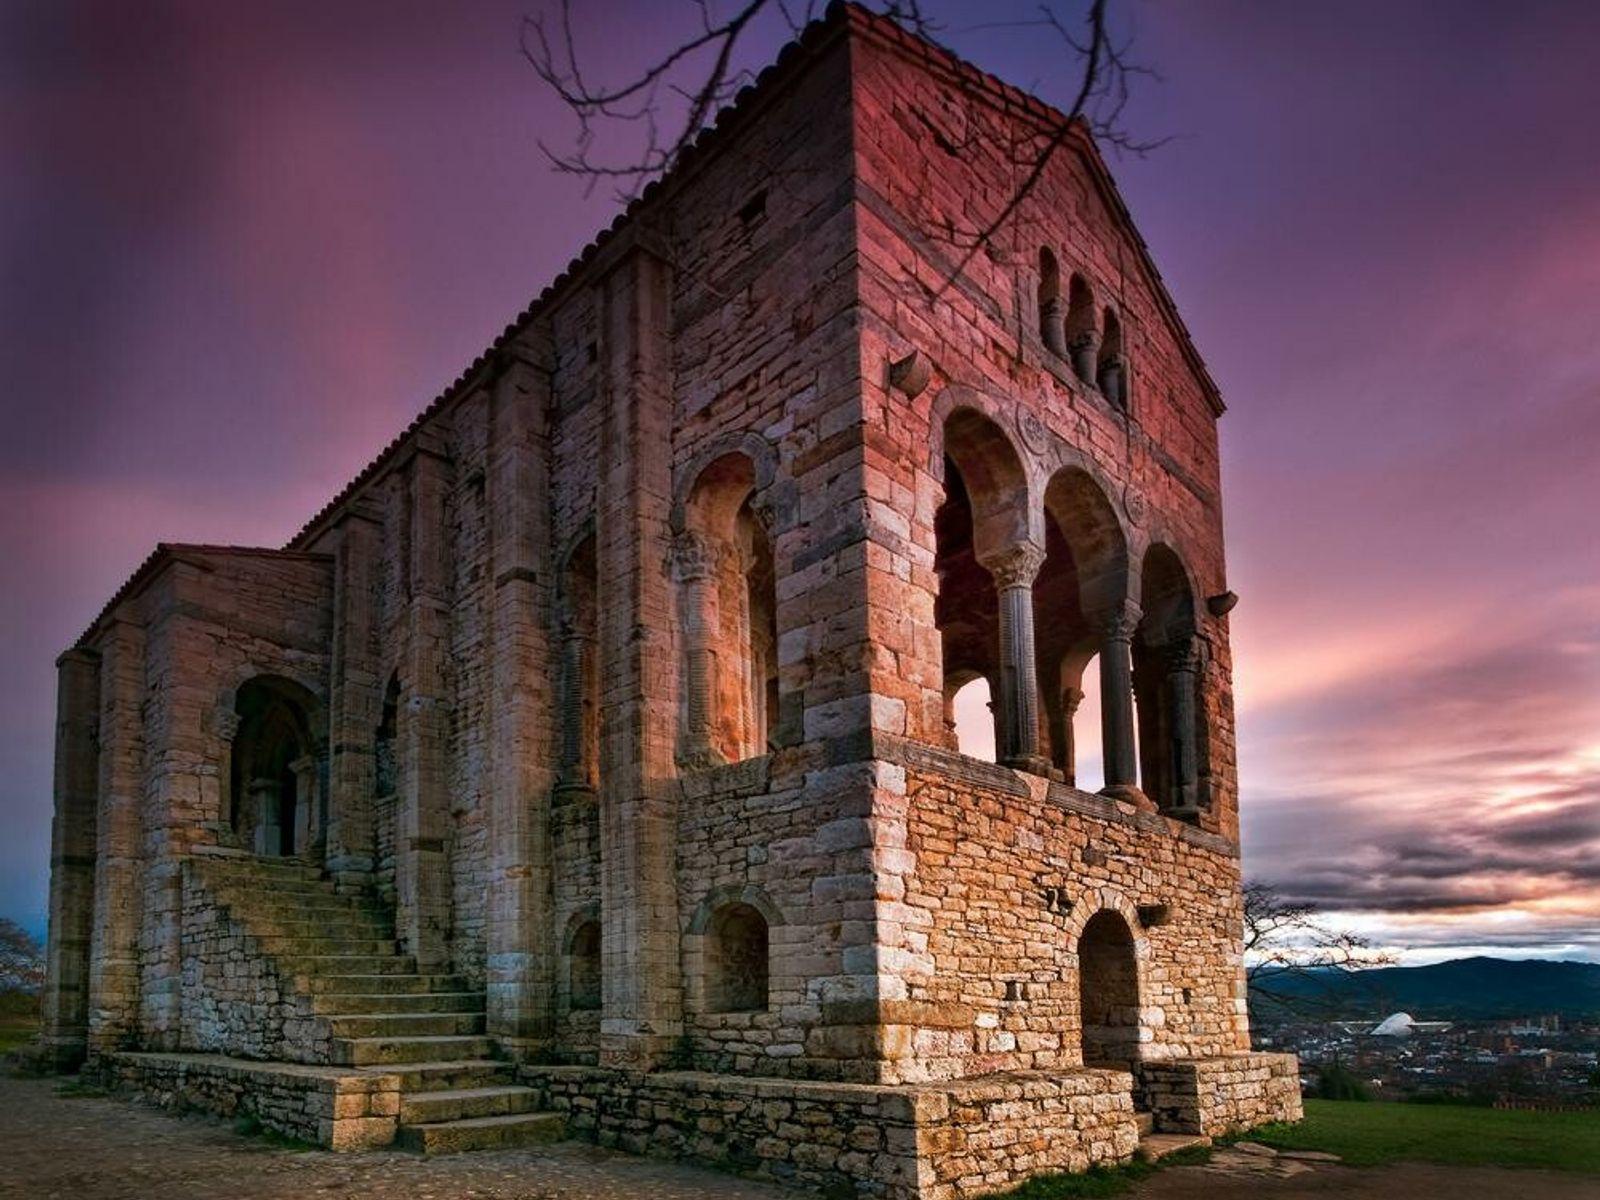 Lugares Patrimonio Humanidad España 10 Oviedo y Asturias